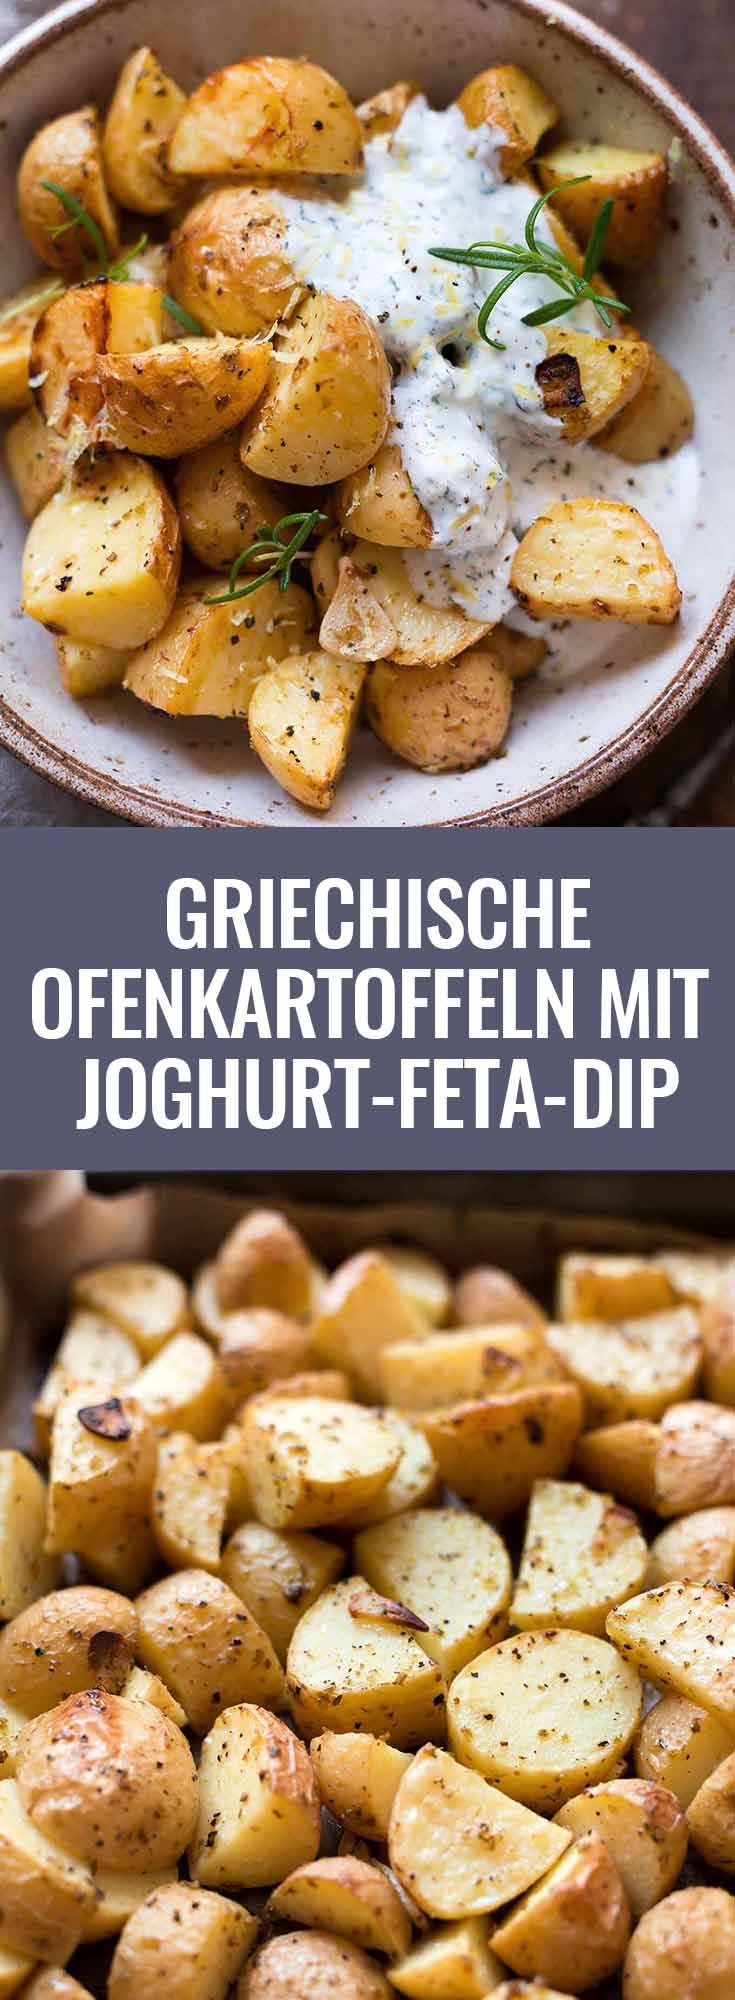 Griechische Ofenkartoffeln mit Joghurt-Feta-Dip. Dieses schnelle Rezept ist supe…